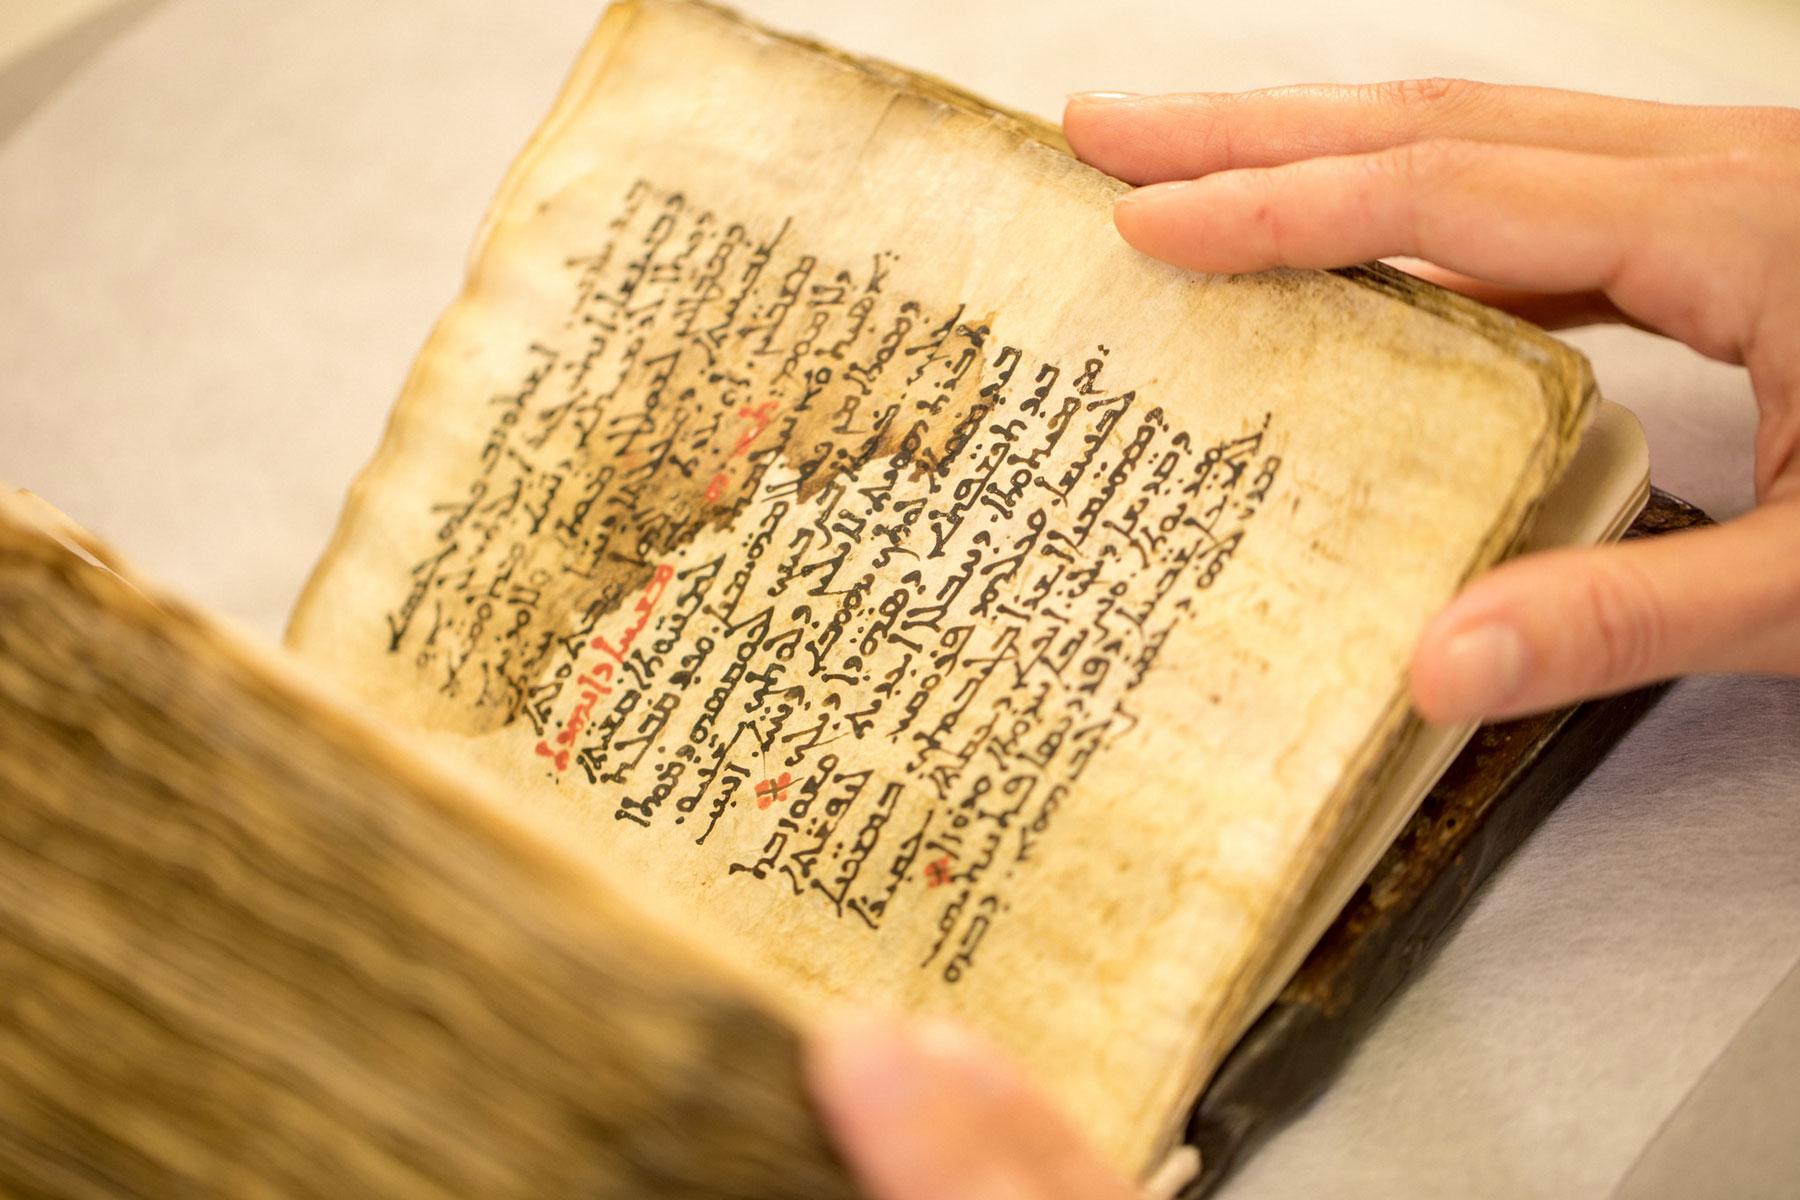 Κείμενο του Γαληνού αποκαλύφθηκε σε σιναϊτικό παλίμψηστο